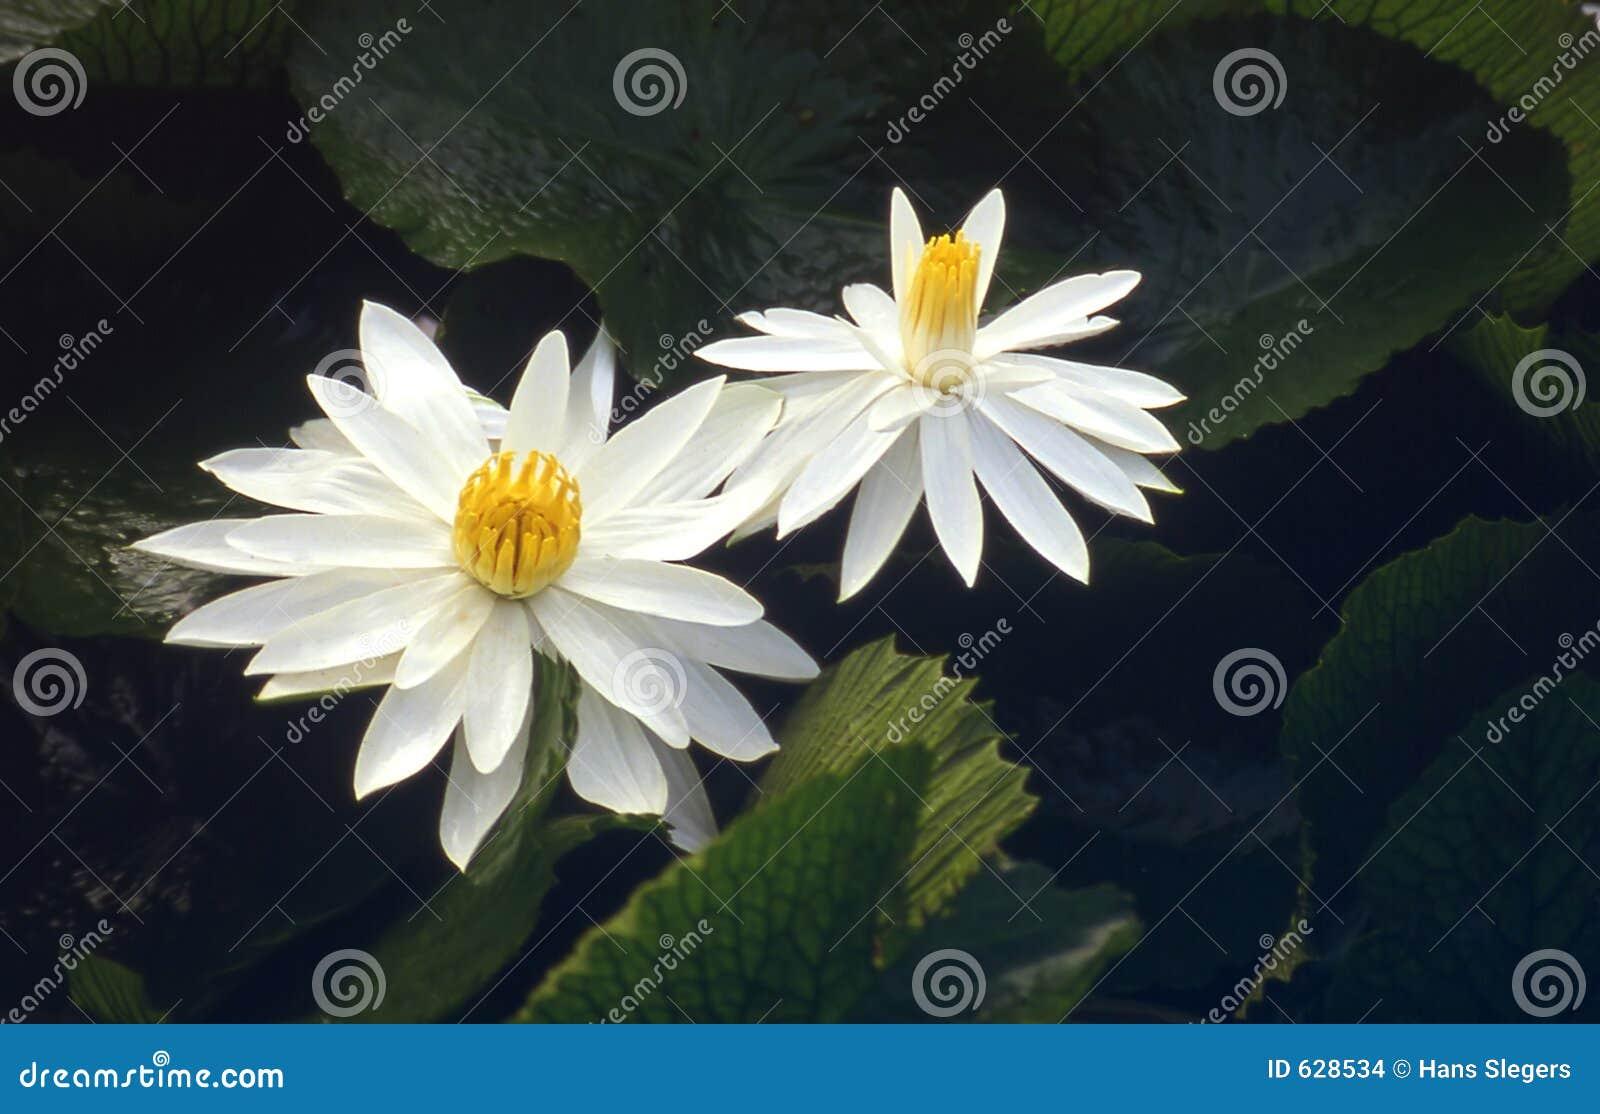 Download лотос цветка стоковое фото. изображение насчитывающей листья - 628534